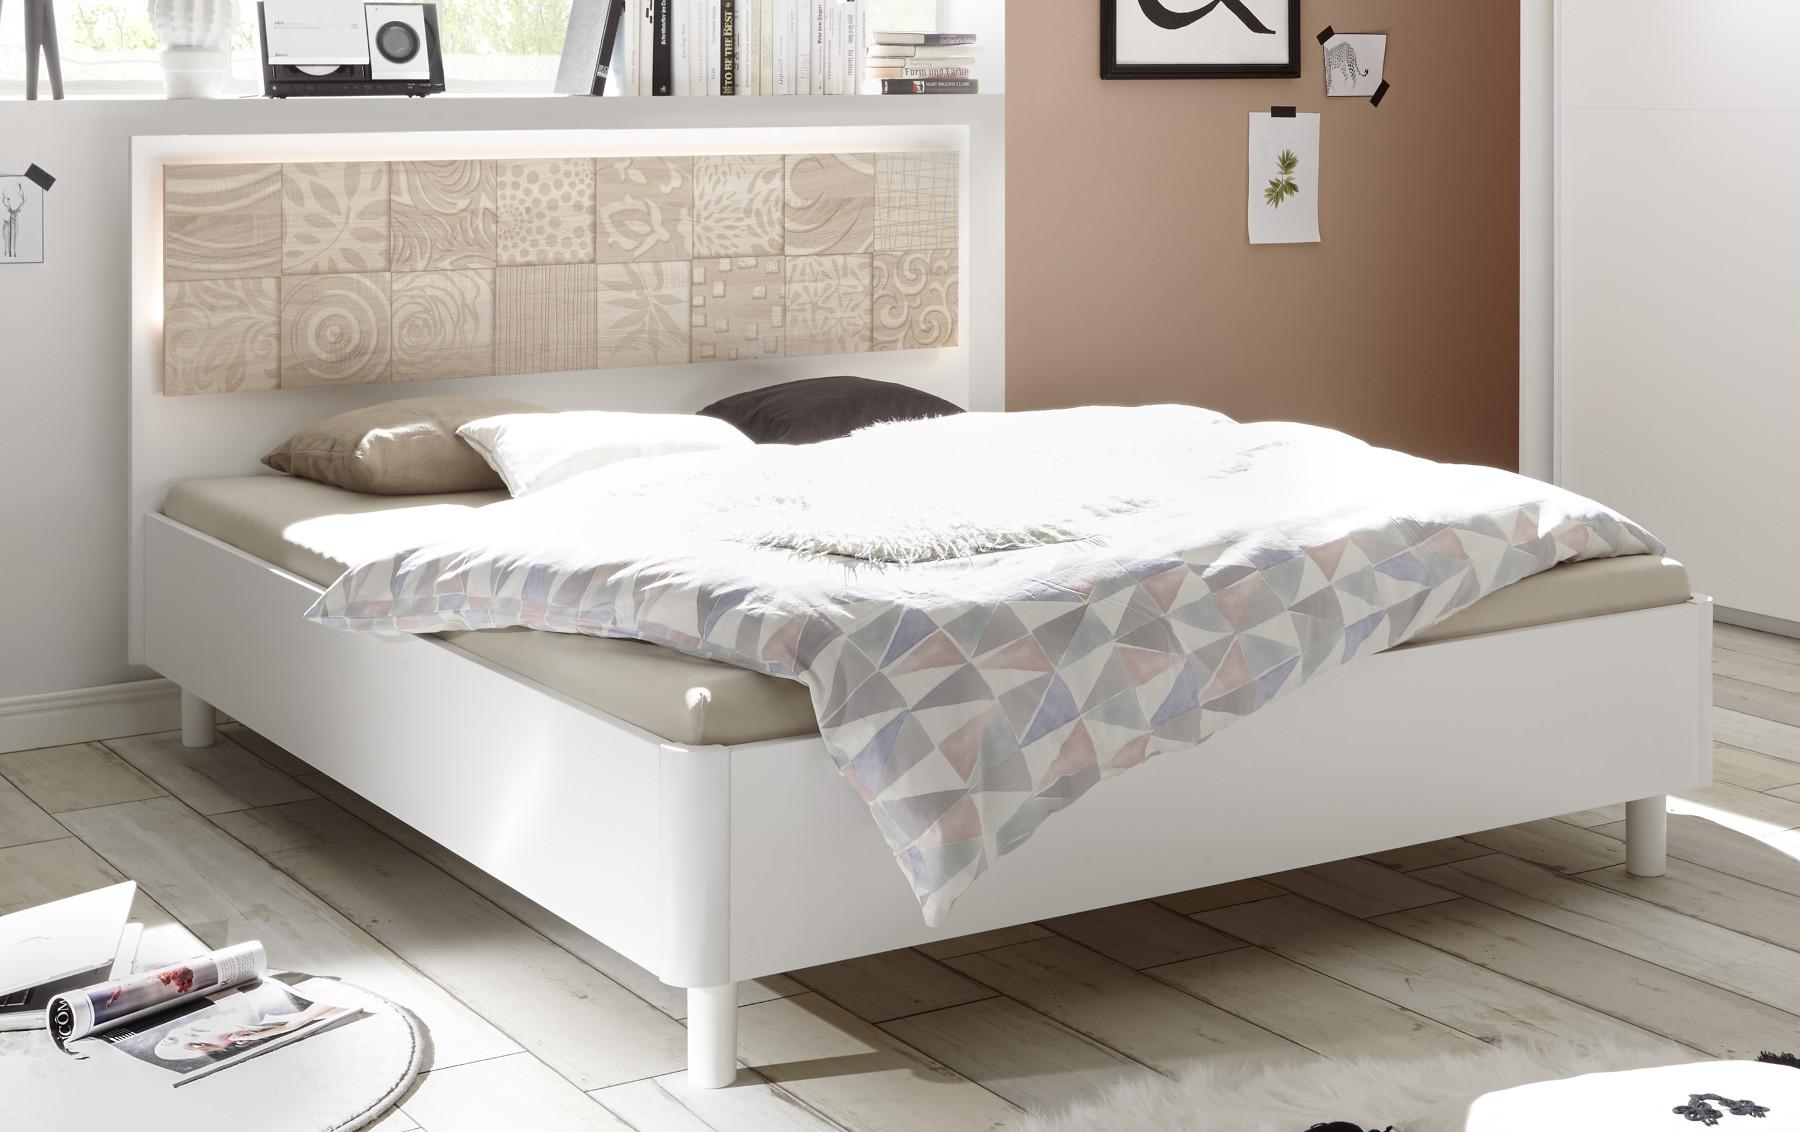 Full Size of Doppelbett Weiss Eiche Siebdruck Xaria24 Designermbel Moderne Billige Betten Bett Barock Mit Matratze Und Lattenrost Rustikales Im Schrank Antik Amazon Bett Bett 180x200 Weiß